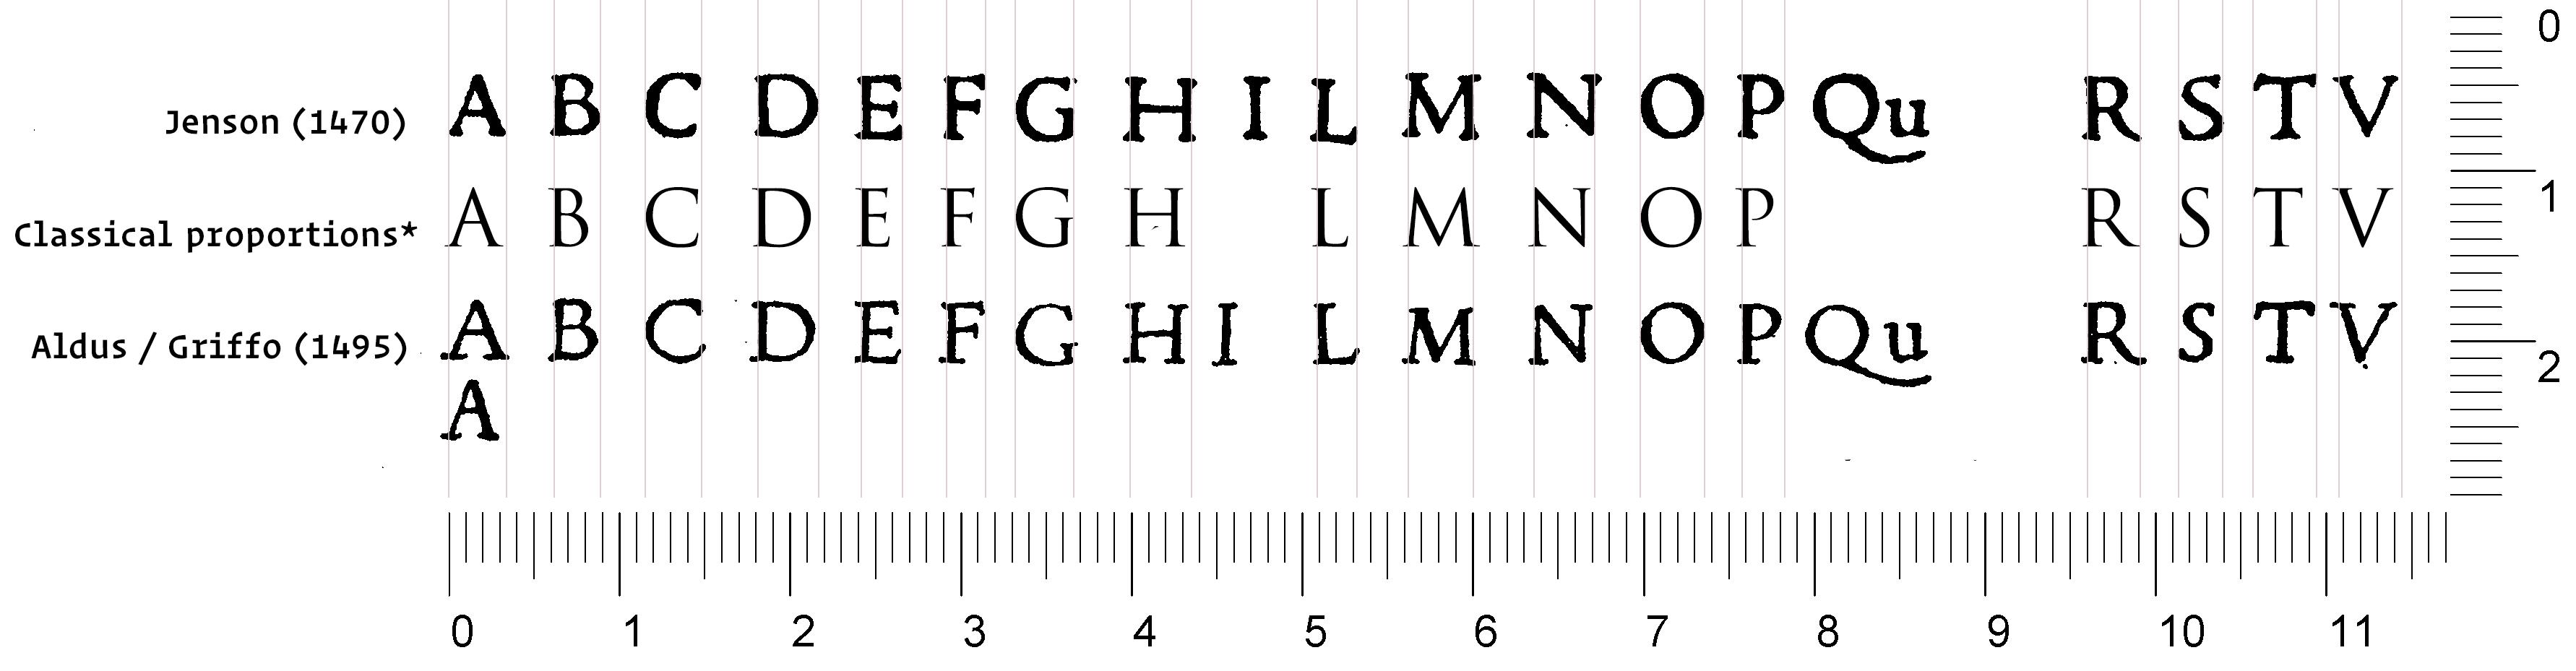 jenson / aldus proportions